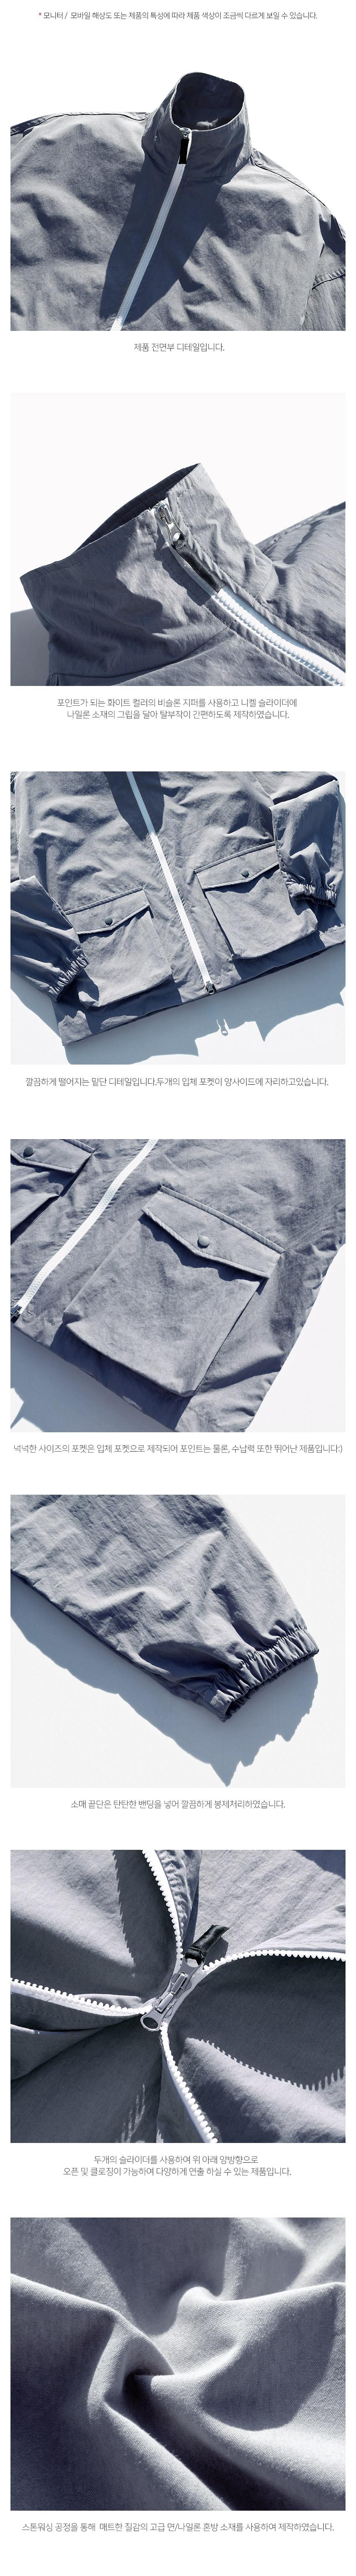 5_KHOT1212_detail_gray_02_sr.jpg